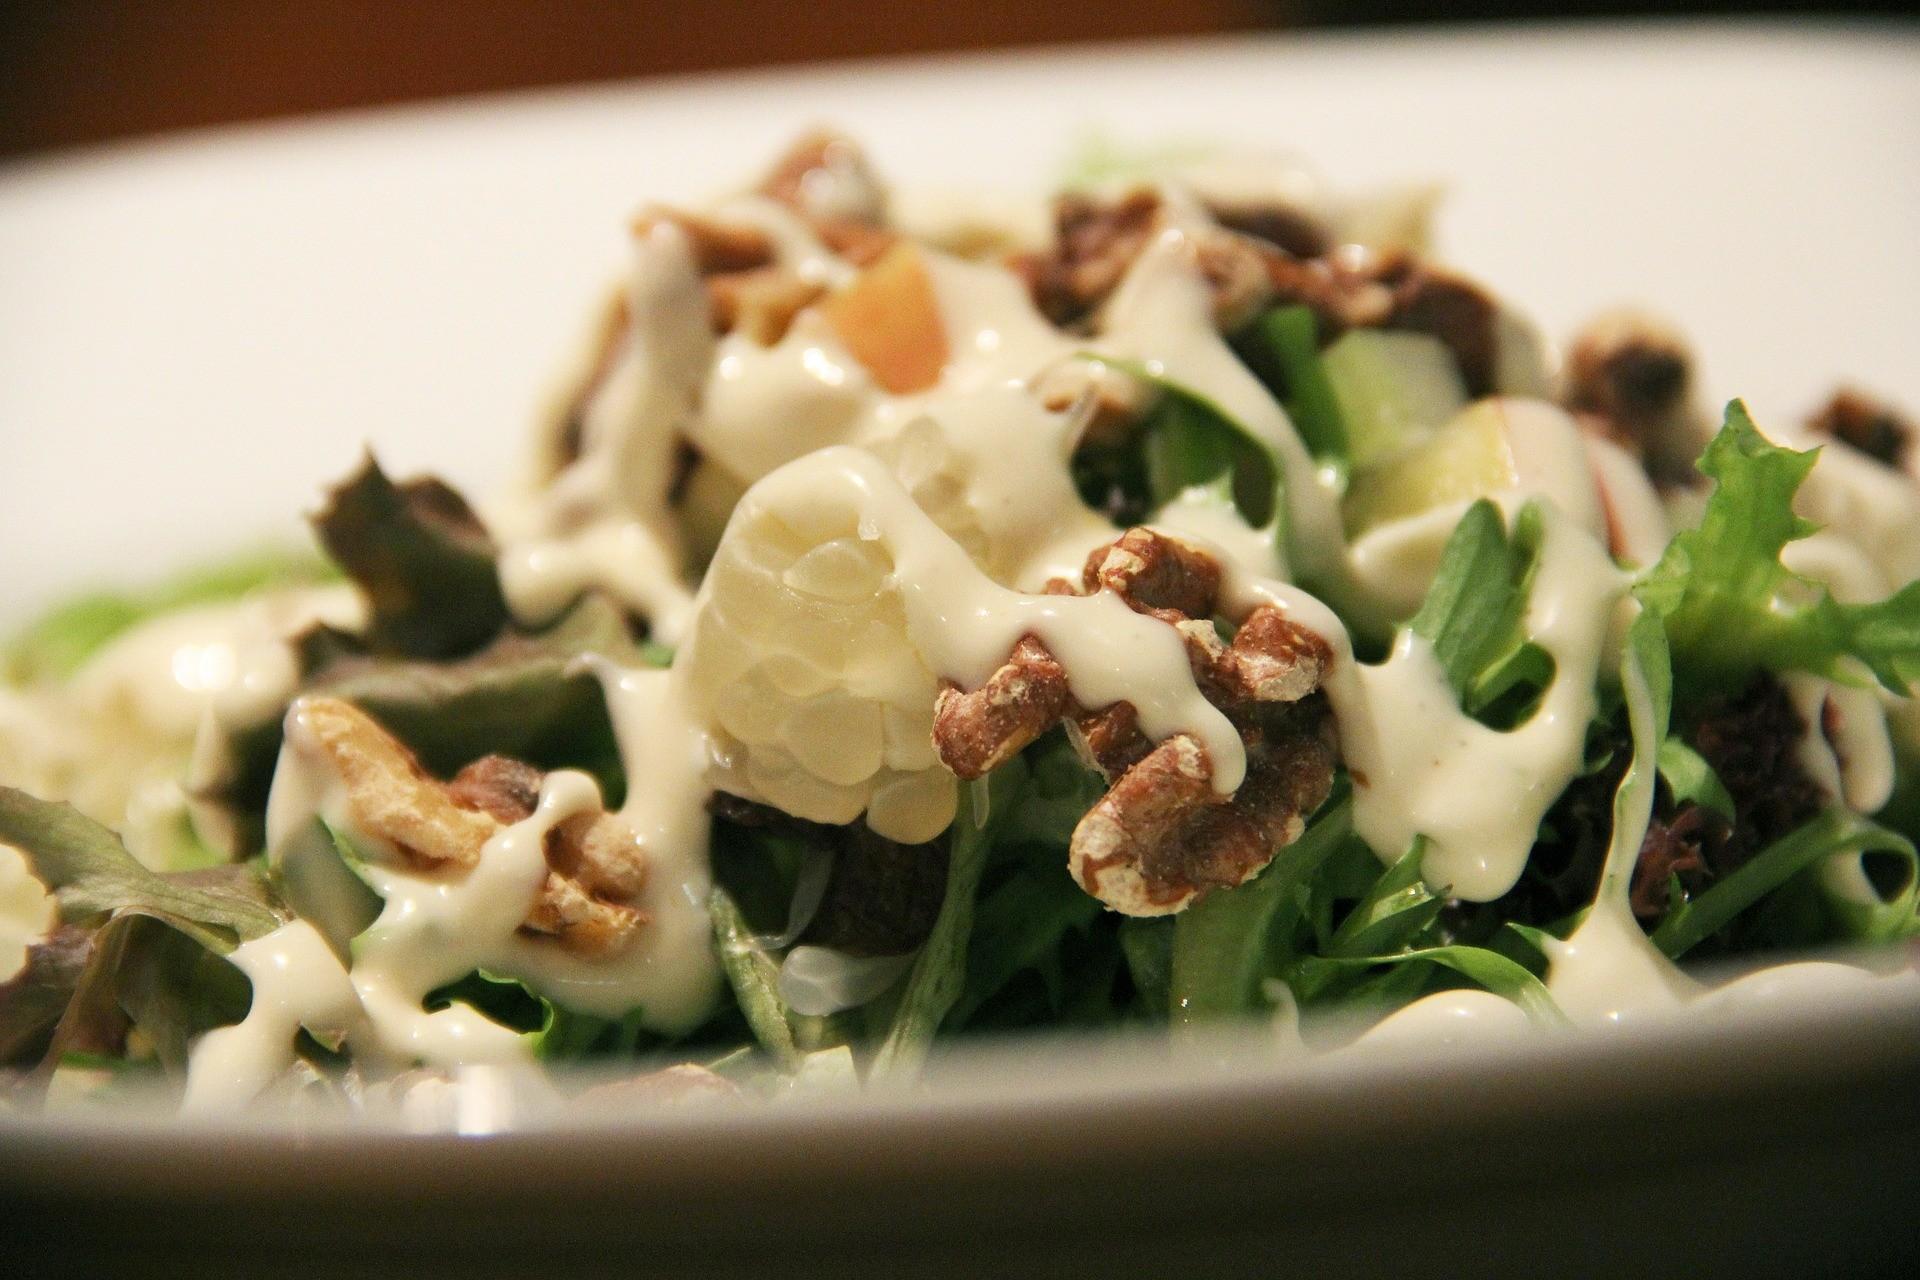 Bild: grüner Salat mit Baumnüssen und weisser Sauce.